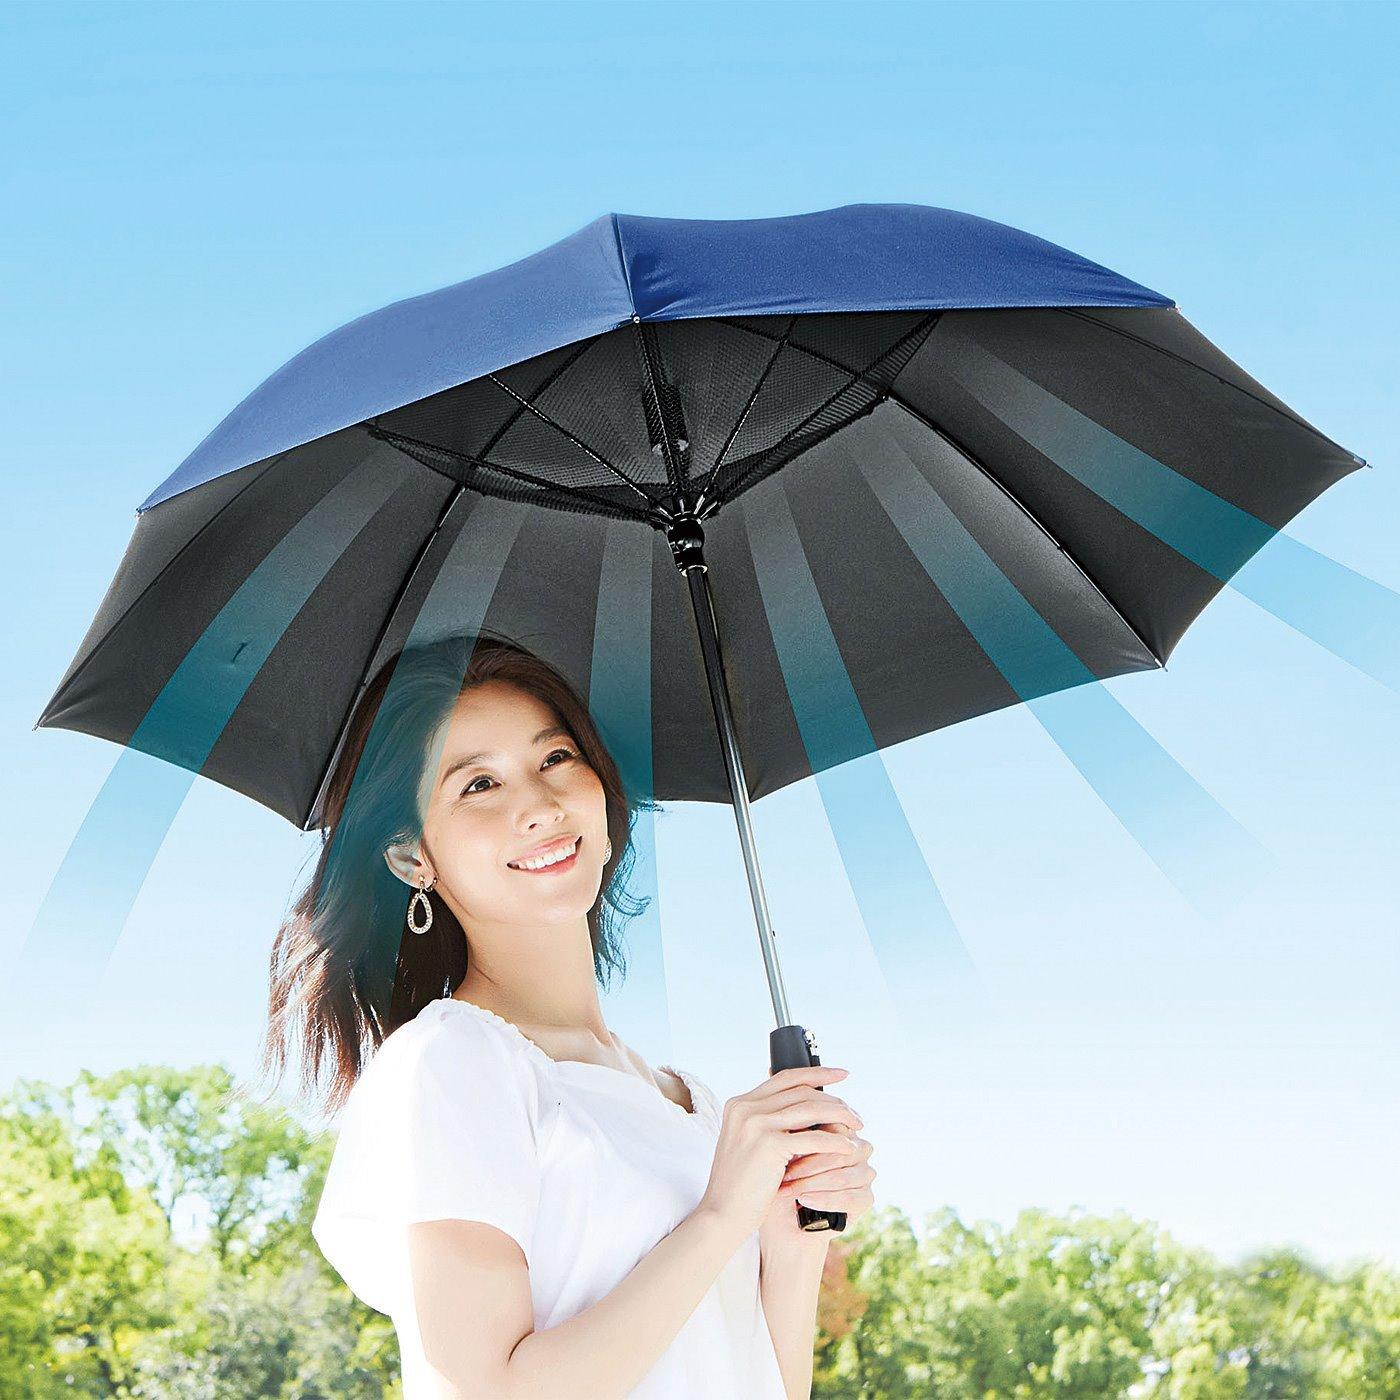 スイッチひとつで風が流れる 遮光1級の扇風機付き涼風日傘